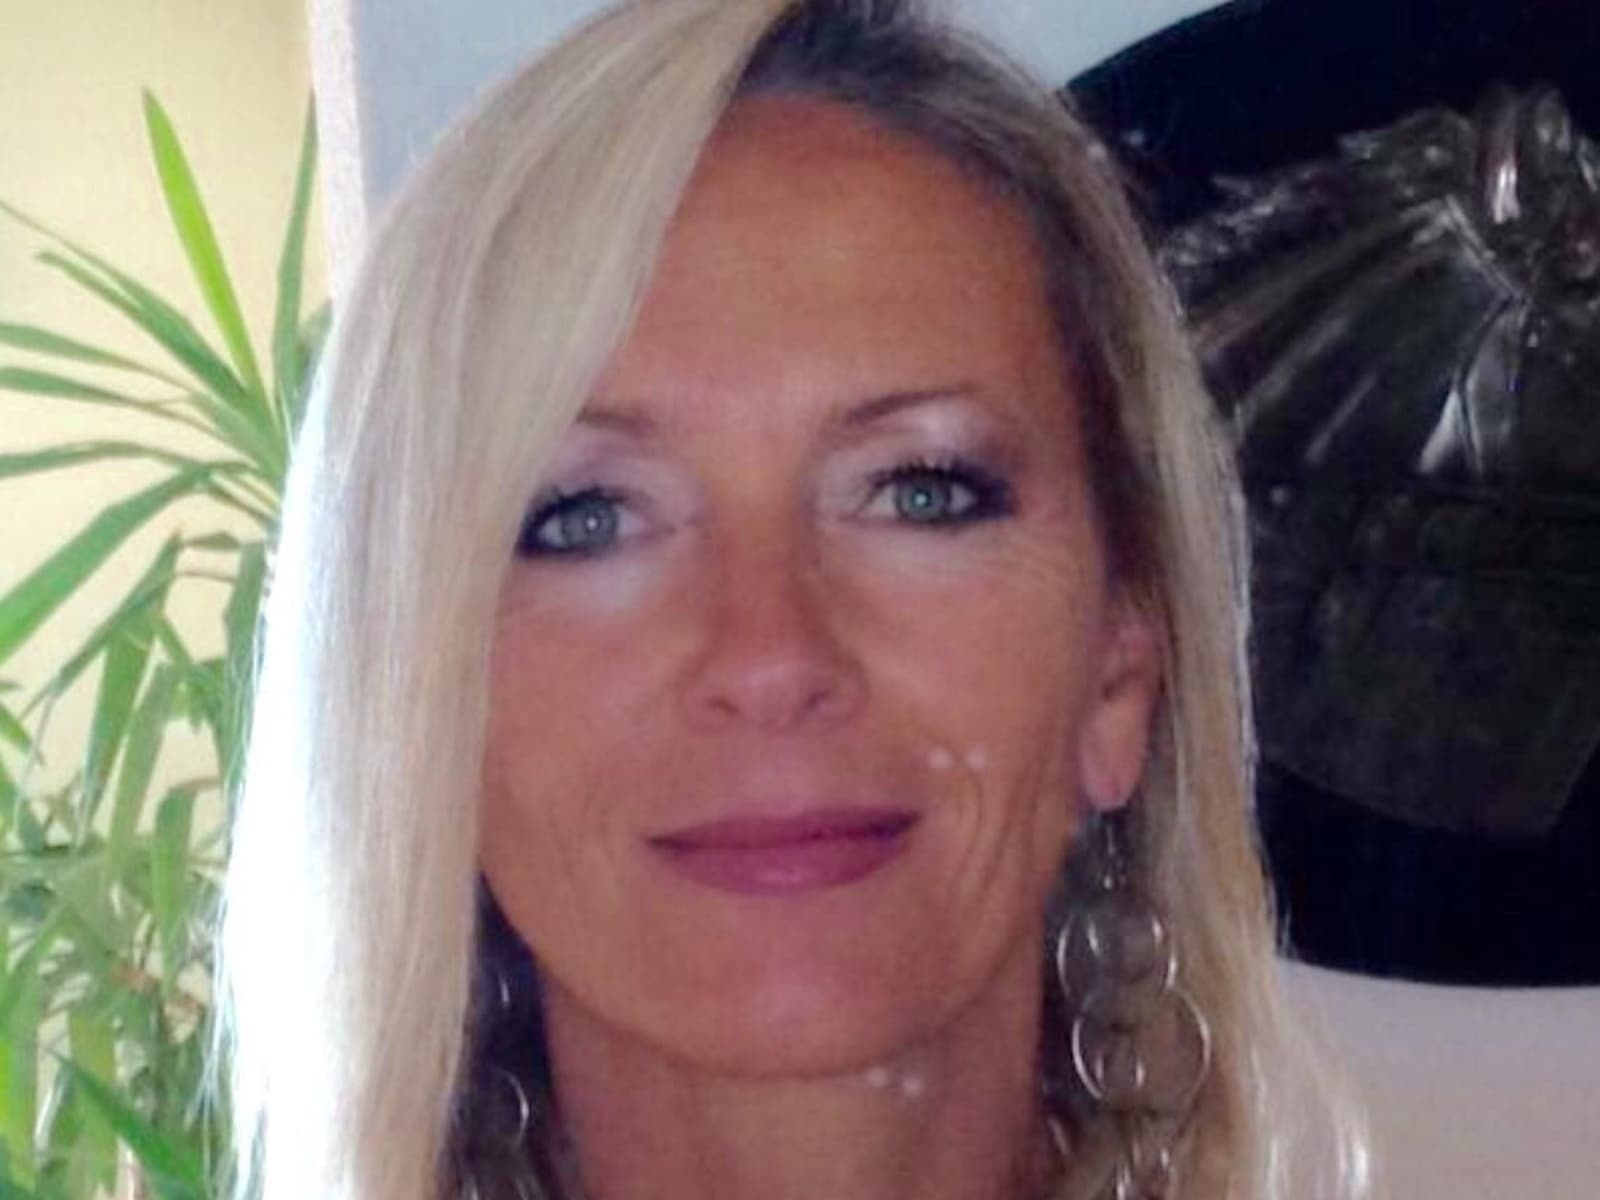 Marianne from Vevey, Switzerland